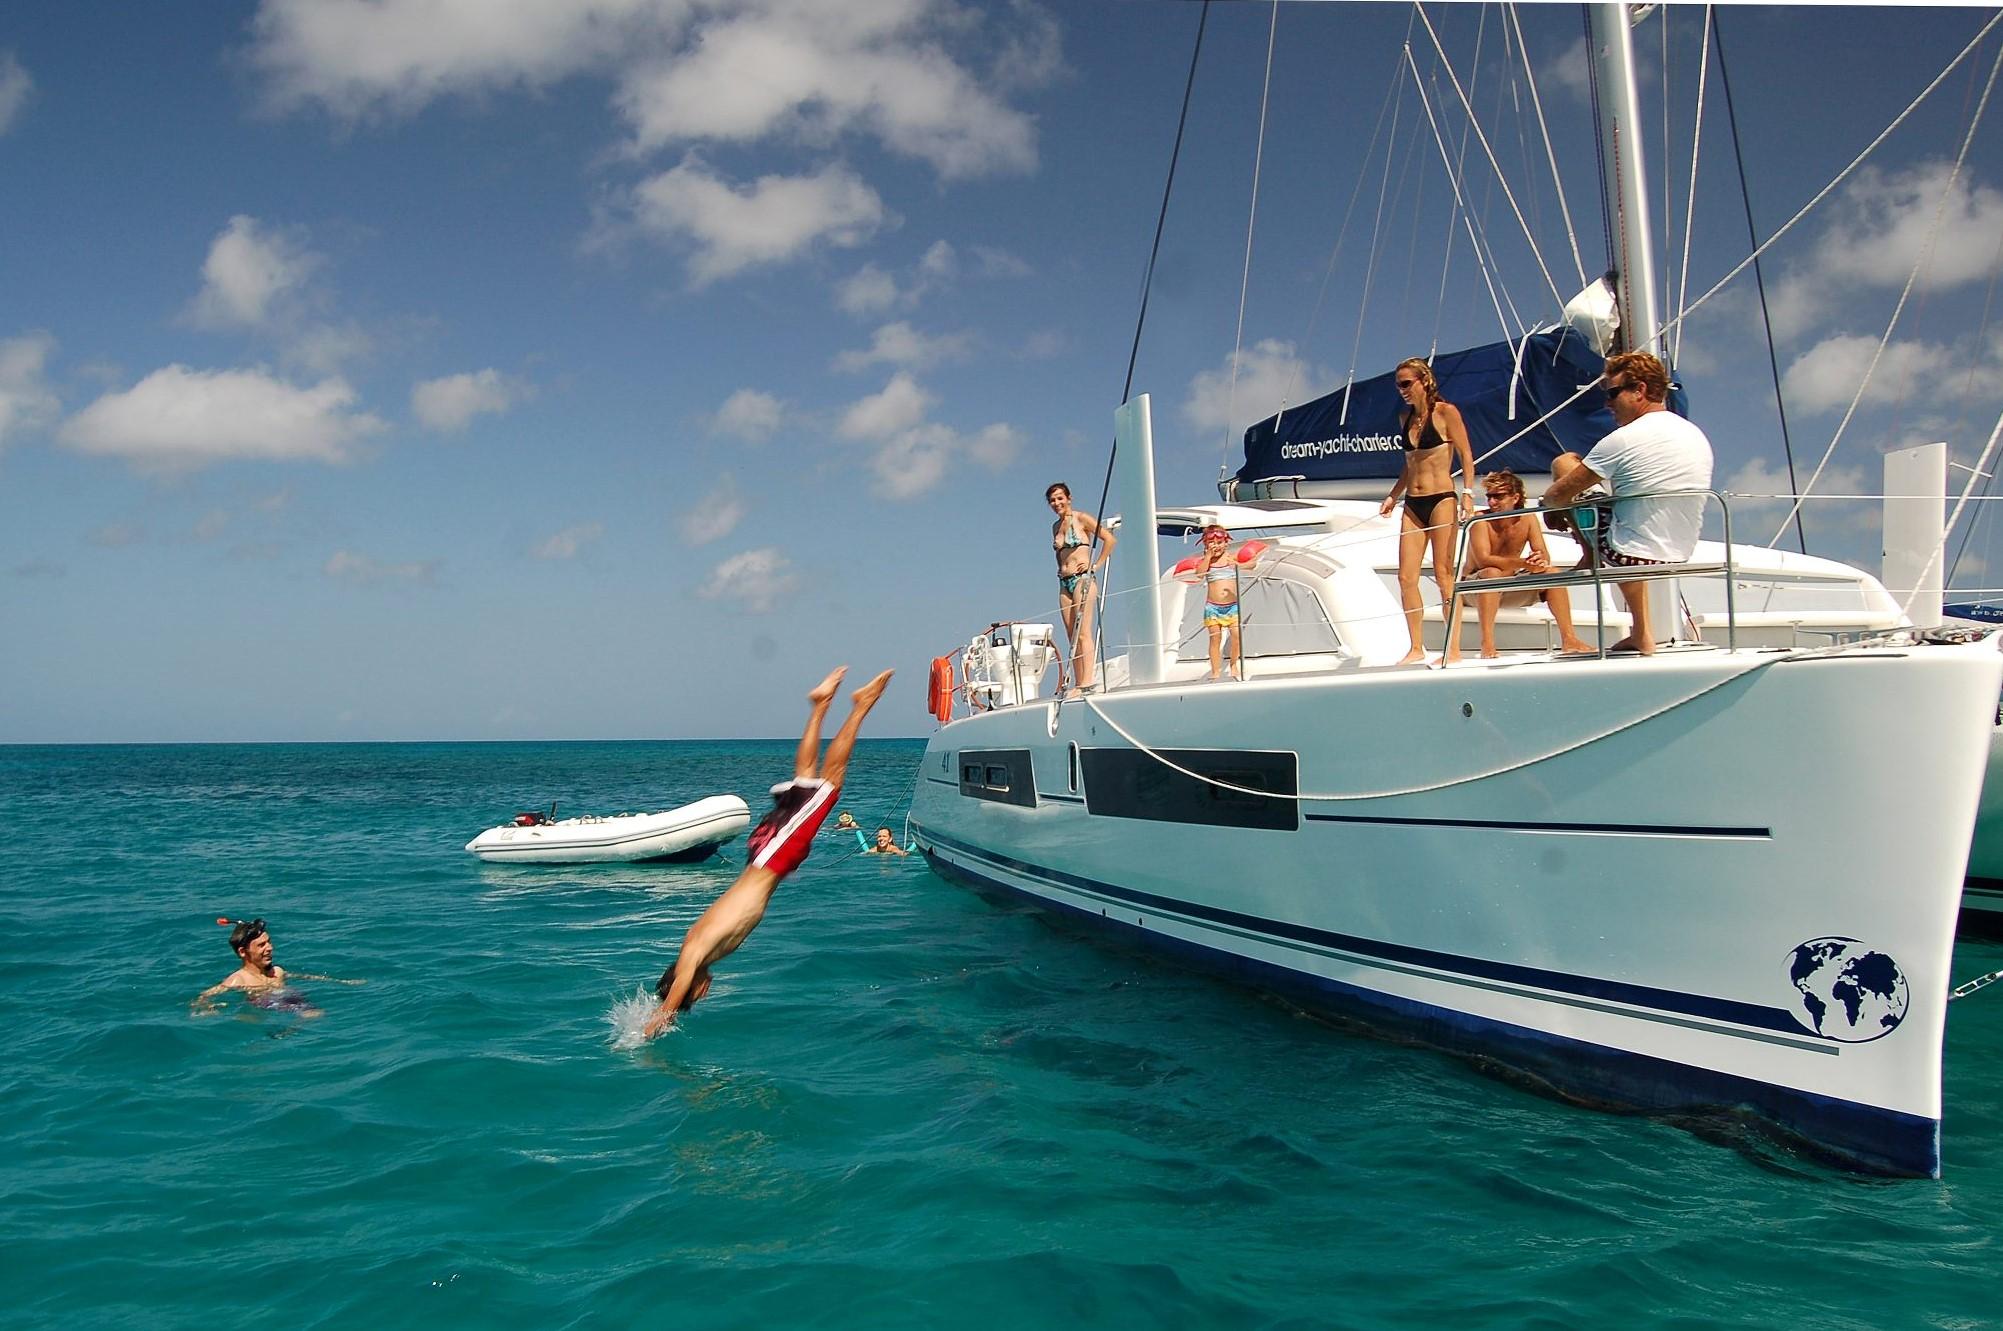 Как да изберем подходящата яхта и дестинация за нашата ваканция?